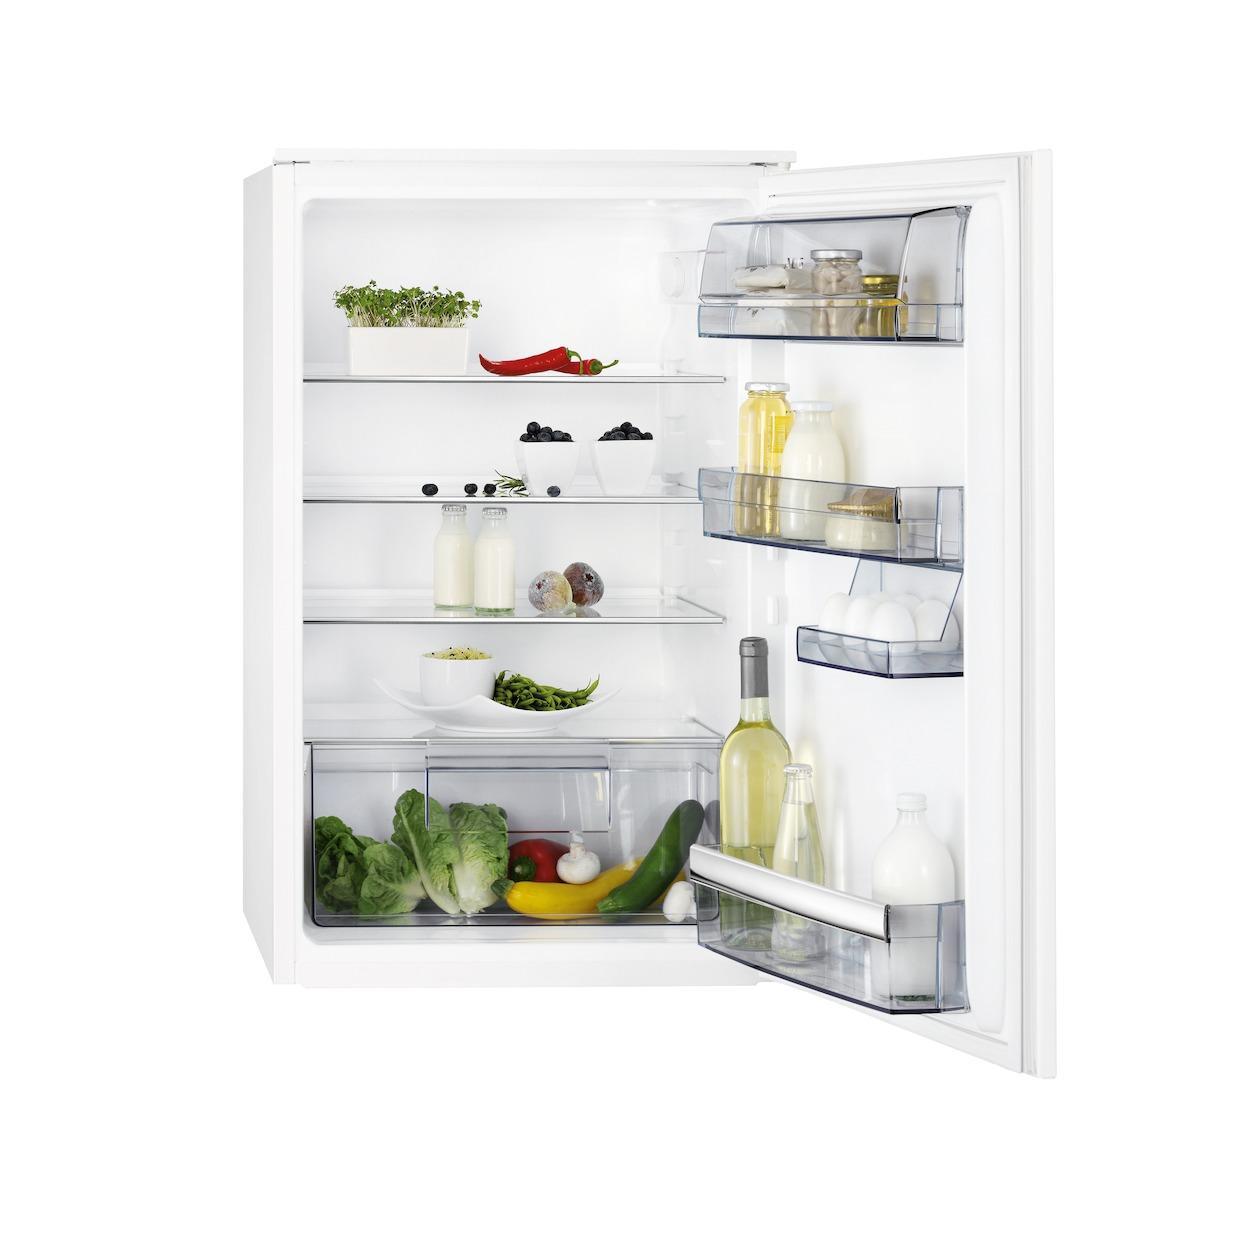 AEG inbouw koelkast SD880S2 wit